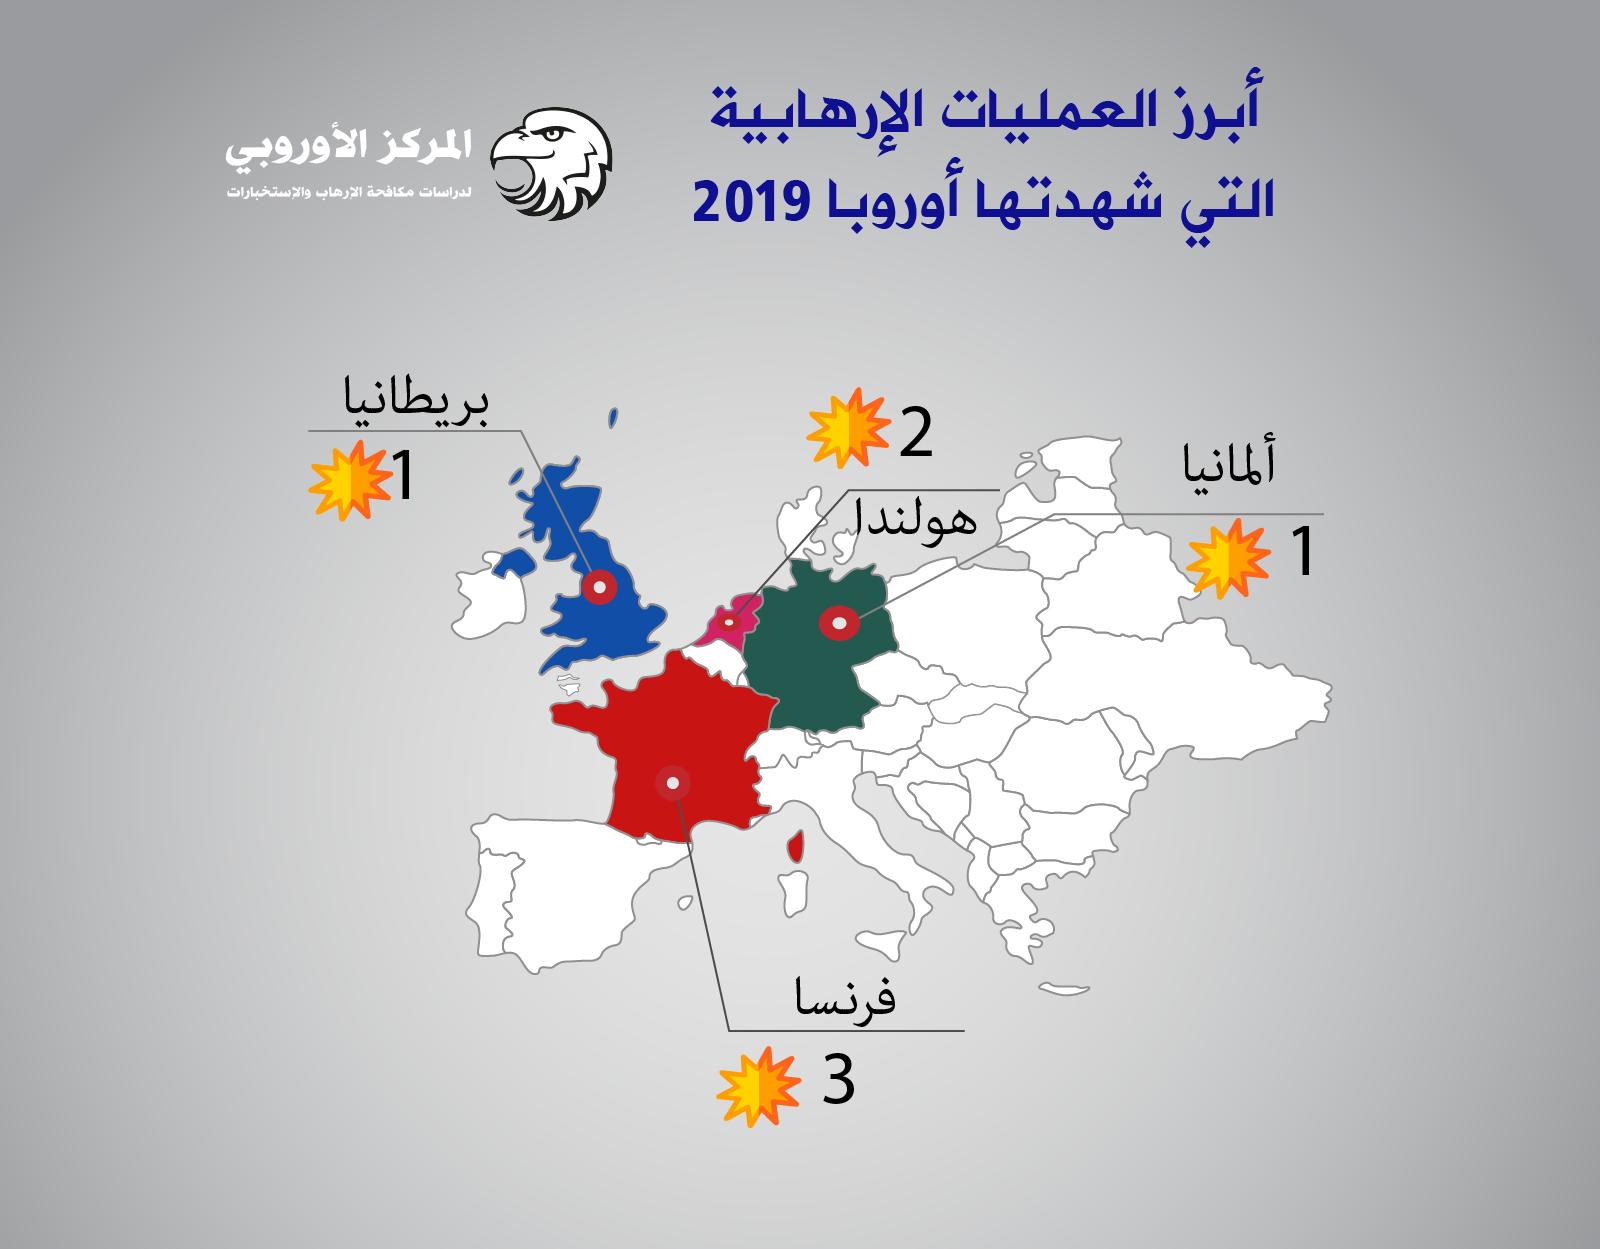 مؤشر الإرهاب 2019